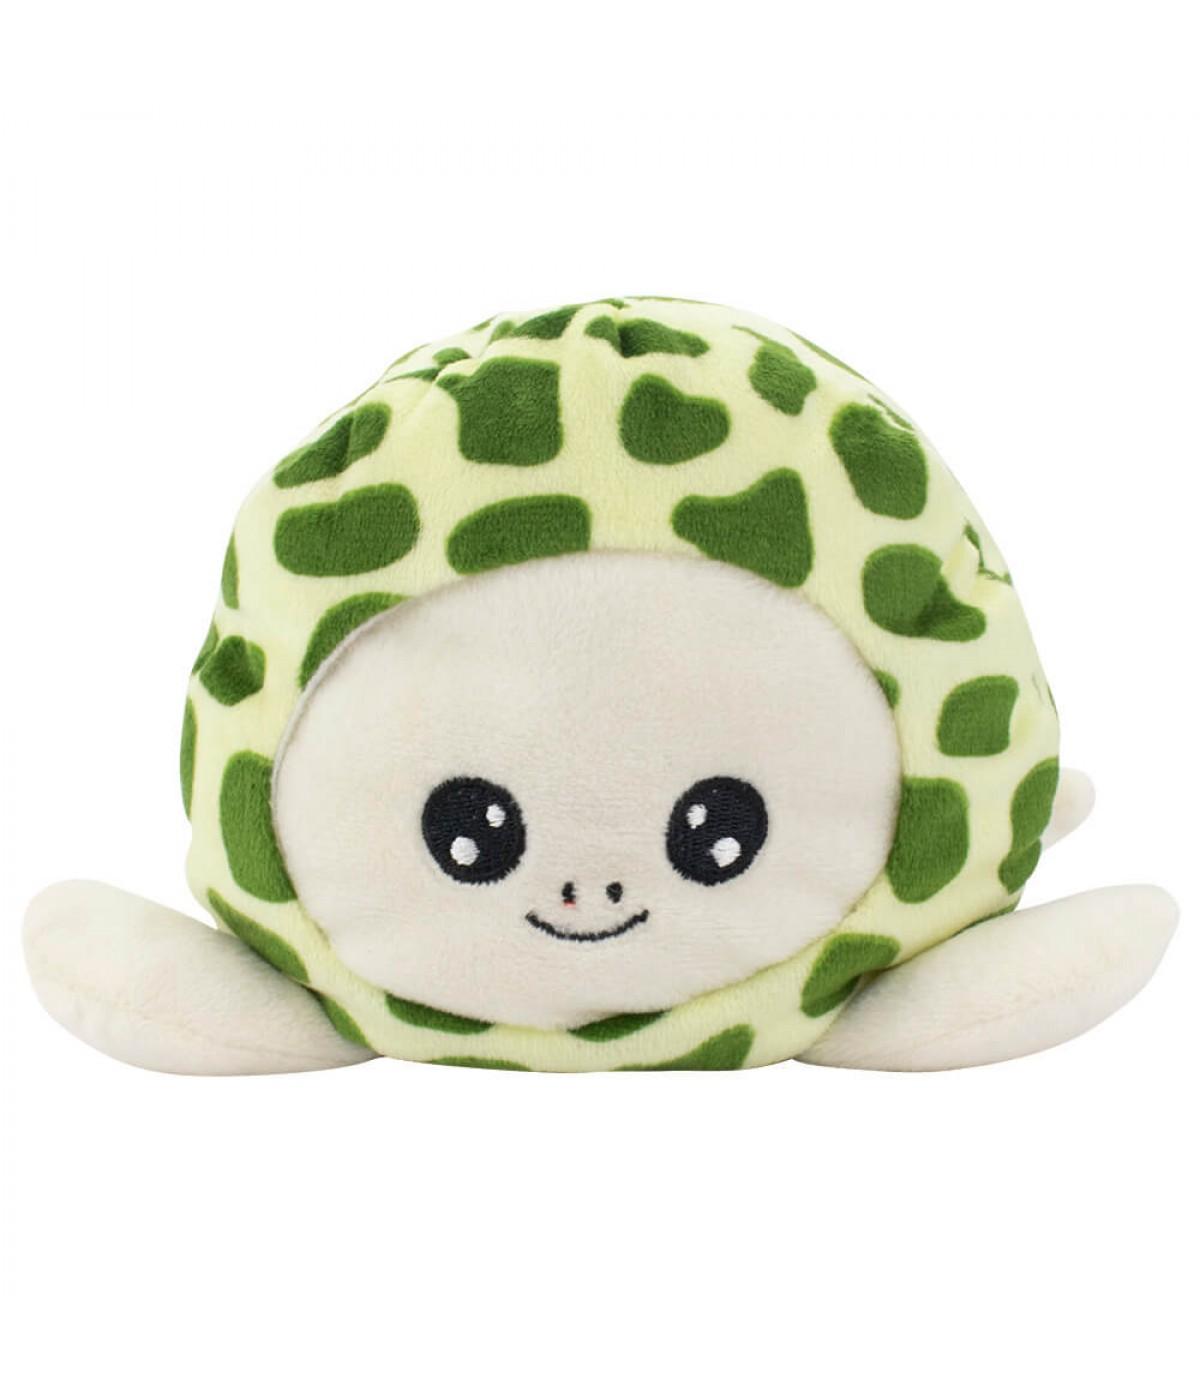 Tartaruga Marrom Verde Humor 14cm - Pelúcia